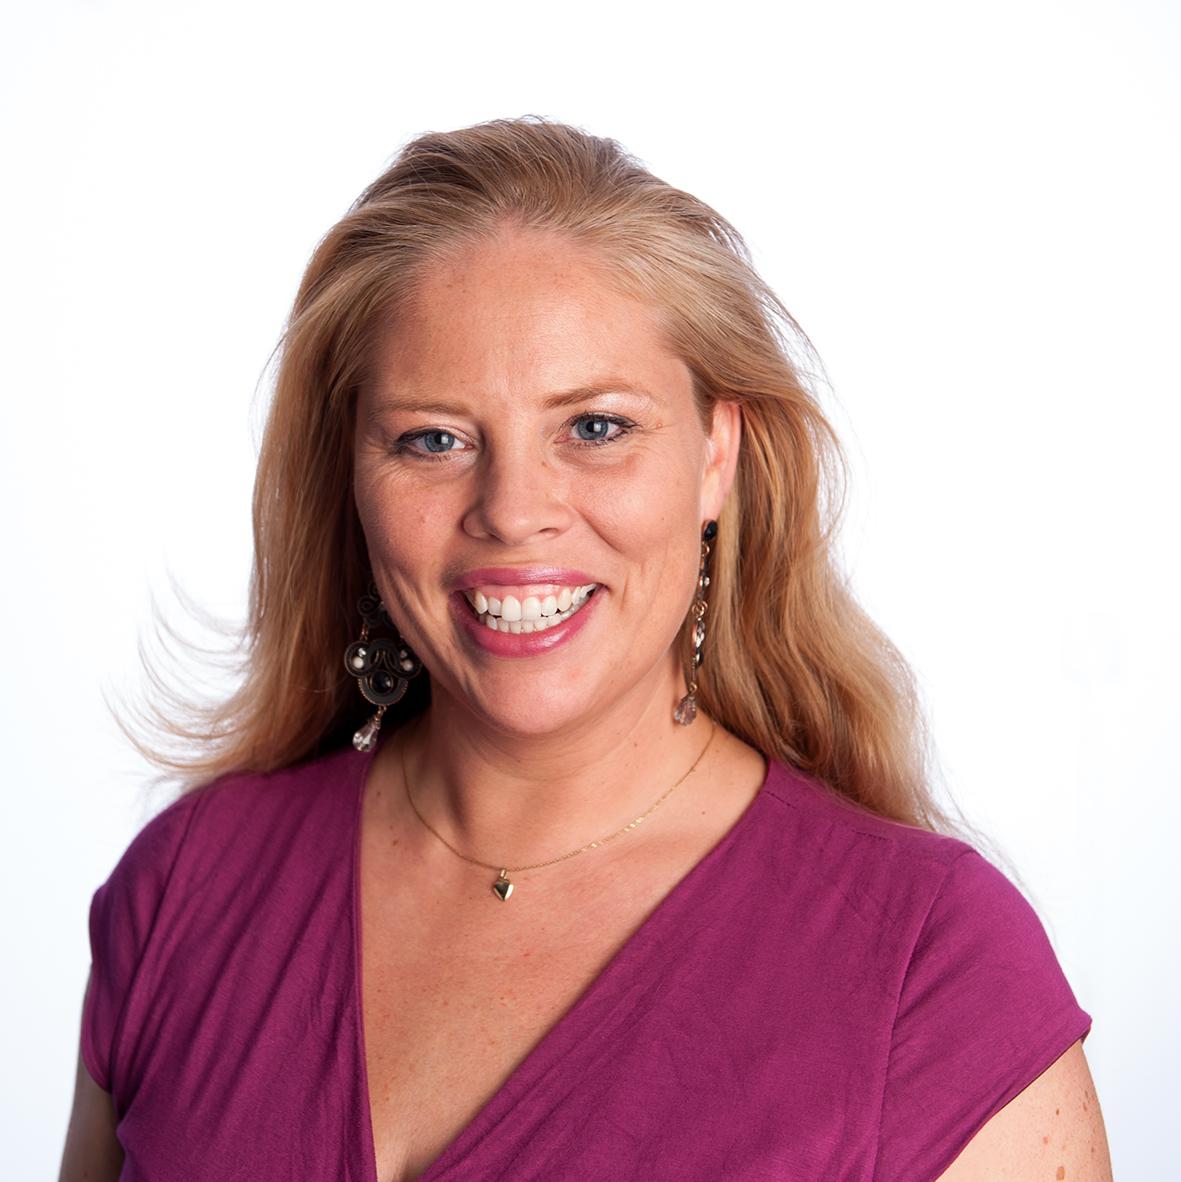 Laura Elsman